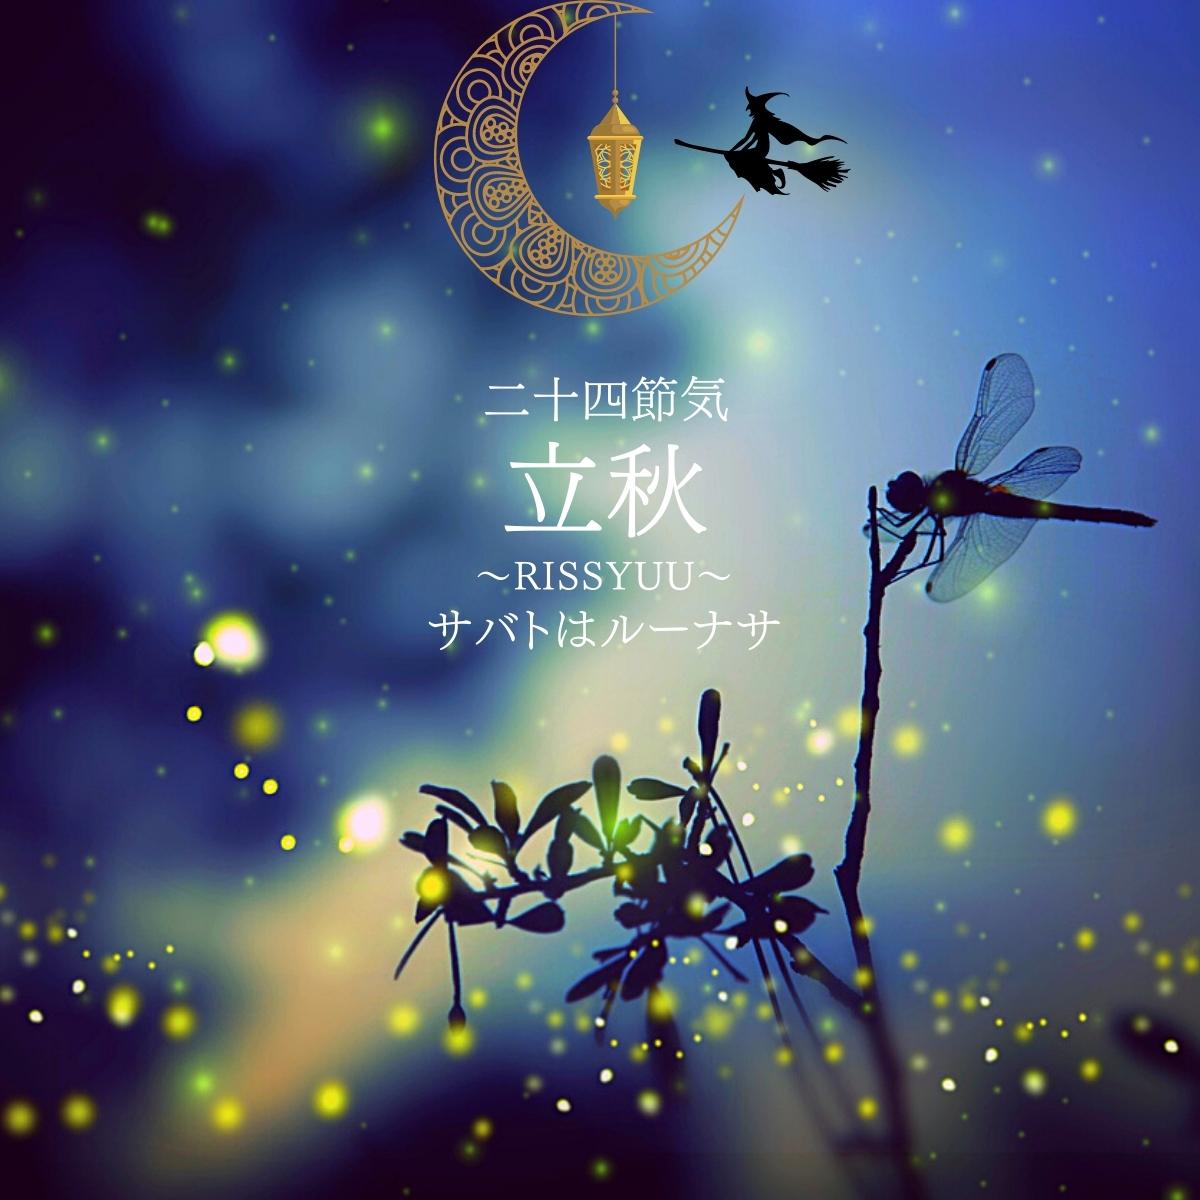 二十四節気 8月7日より立秋、サバトはルーナサ。魔法ハーブはオークとエルダー🌿